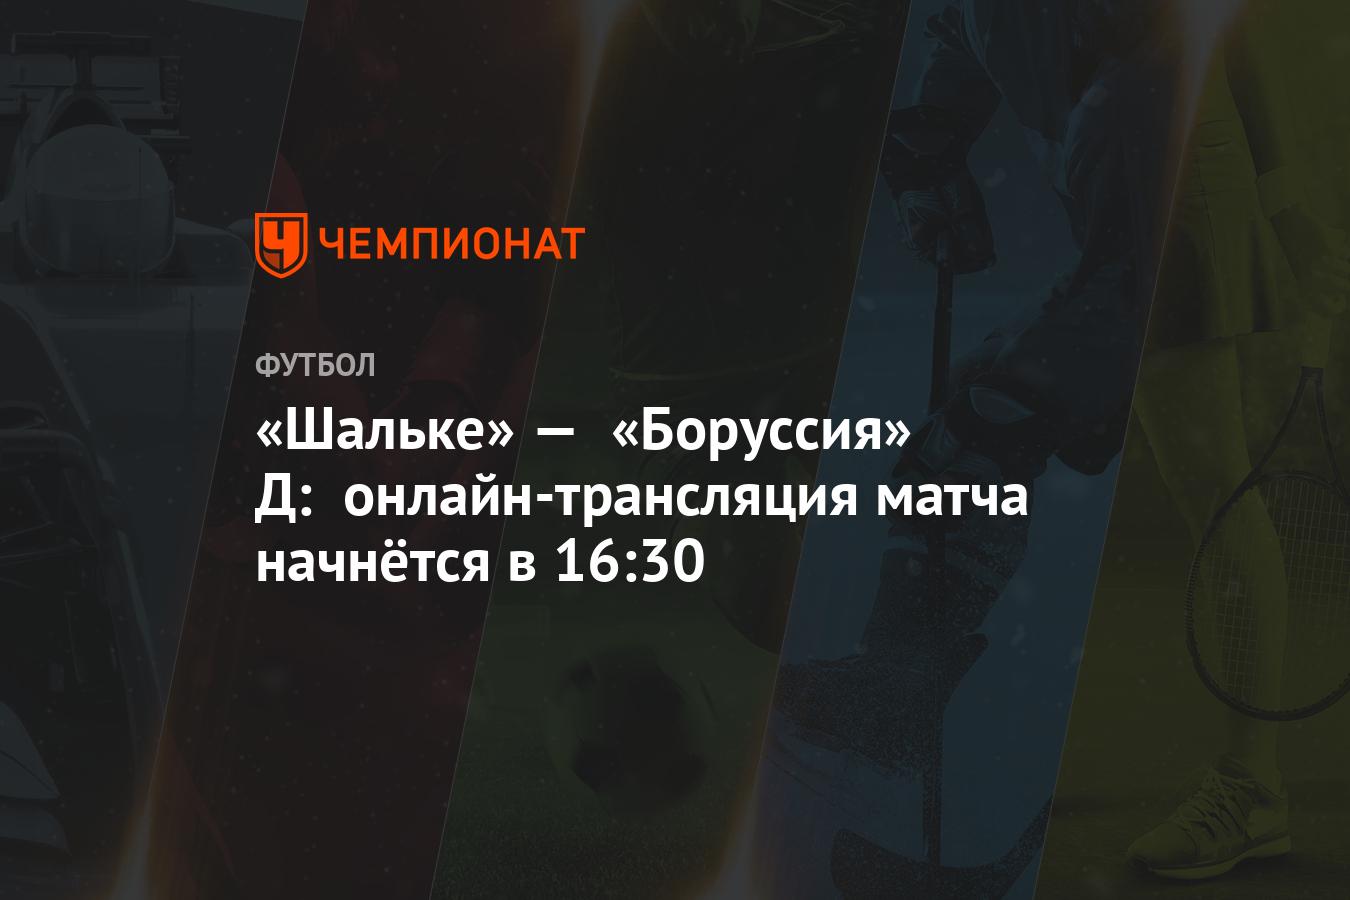 Он лайн трансляция матча шальке 04 боруссия д